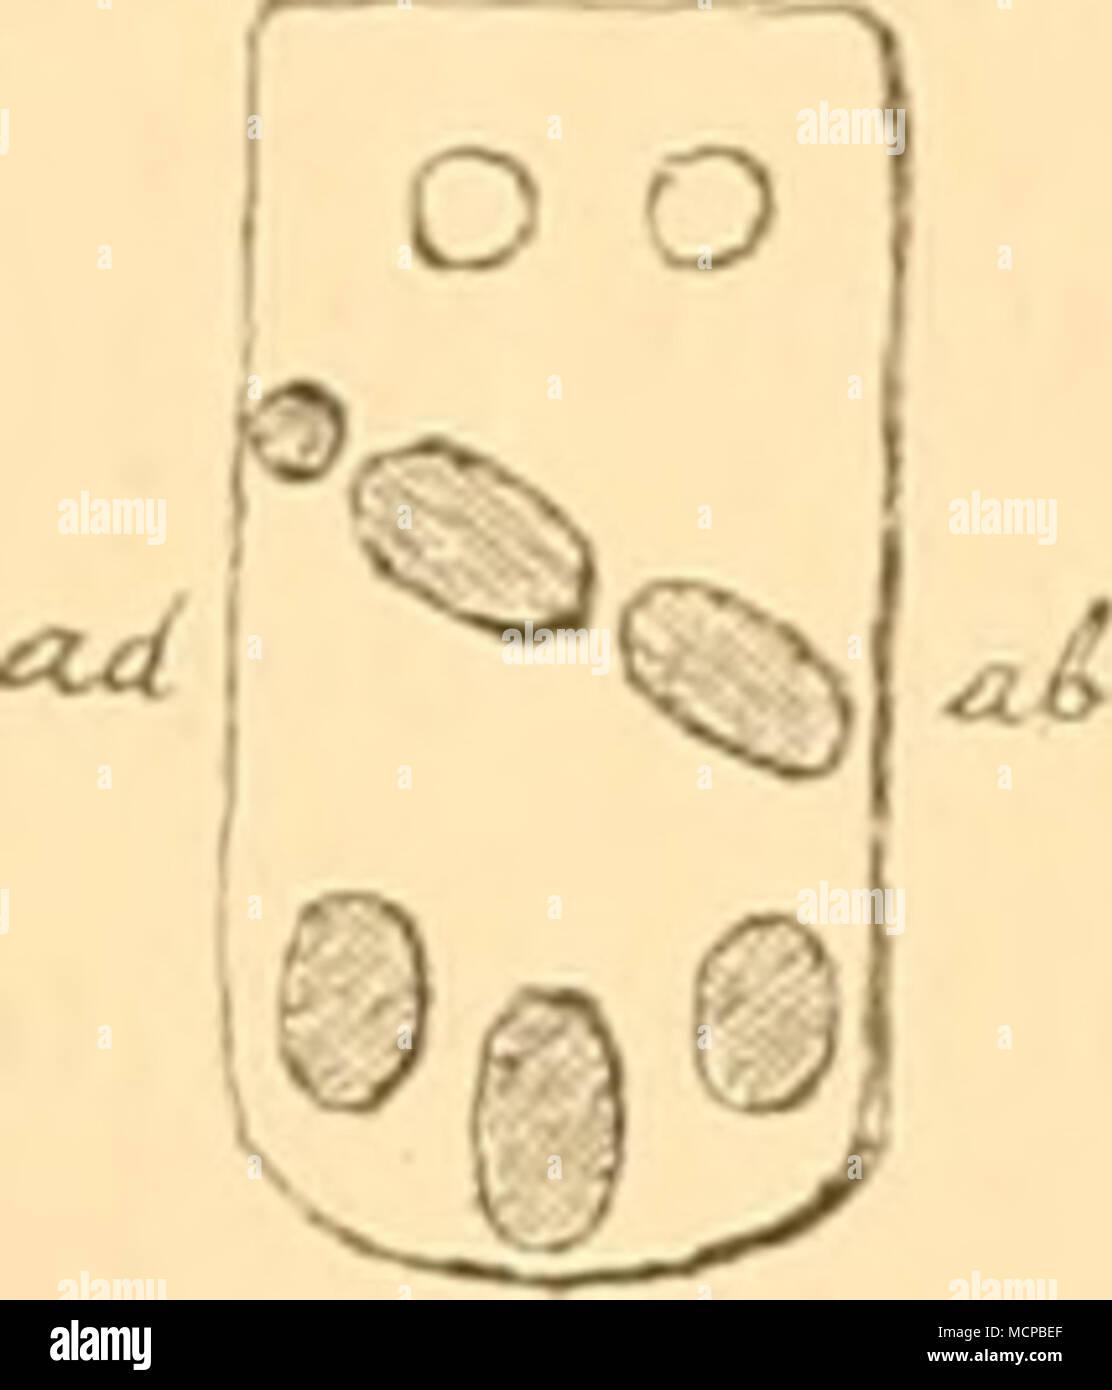 . <U O O o o W Mi '«ä, '1^ ^ rui ®(®0 aurantiacus hiaptnosas attranttacus. in einer einzigen Reihe; obere Randplatteu mit nacktem oder beschupptem Mittelfeld und mit kleinen cylinderformigen Stachelchen auf den Raudzonen; untere Randplatten mit je einem grossen, abgeplatteten Randstachel; Adambulaeralplatten mit je 3 inneren und 2 loder 3) äusseren Furchenstacheln und mit sparsamen, meist nur 2 subambulacralen Stacheln; am su- turalen Rande der Mundeckplatten eine einfache Stachelreilic: Madreporenplatte mit kreis- förmigem Umriss und ohne centralen Körnohenbesatz auf jeder Adambulacralpla - Stock Image